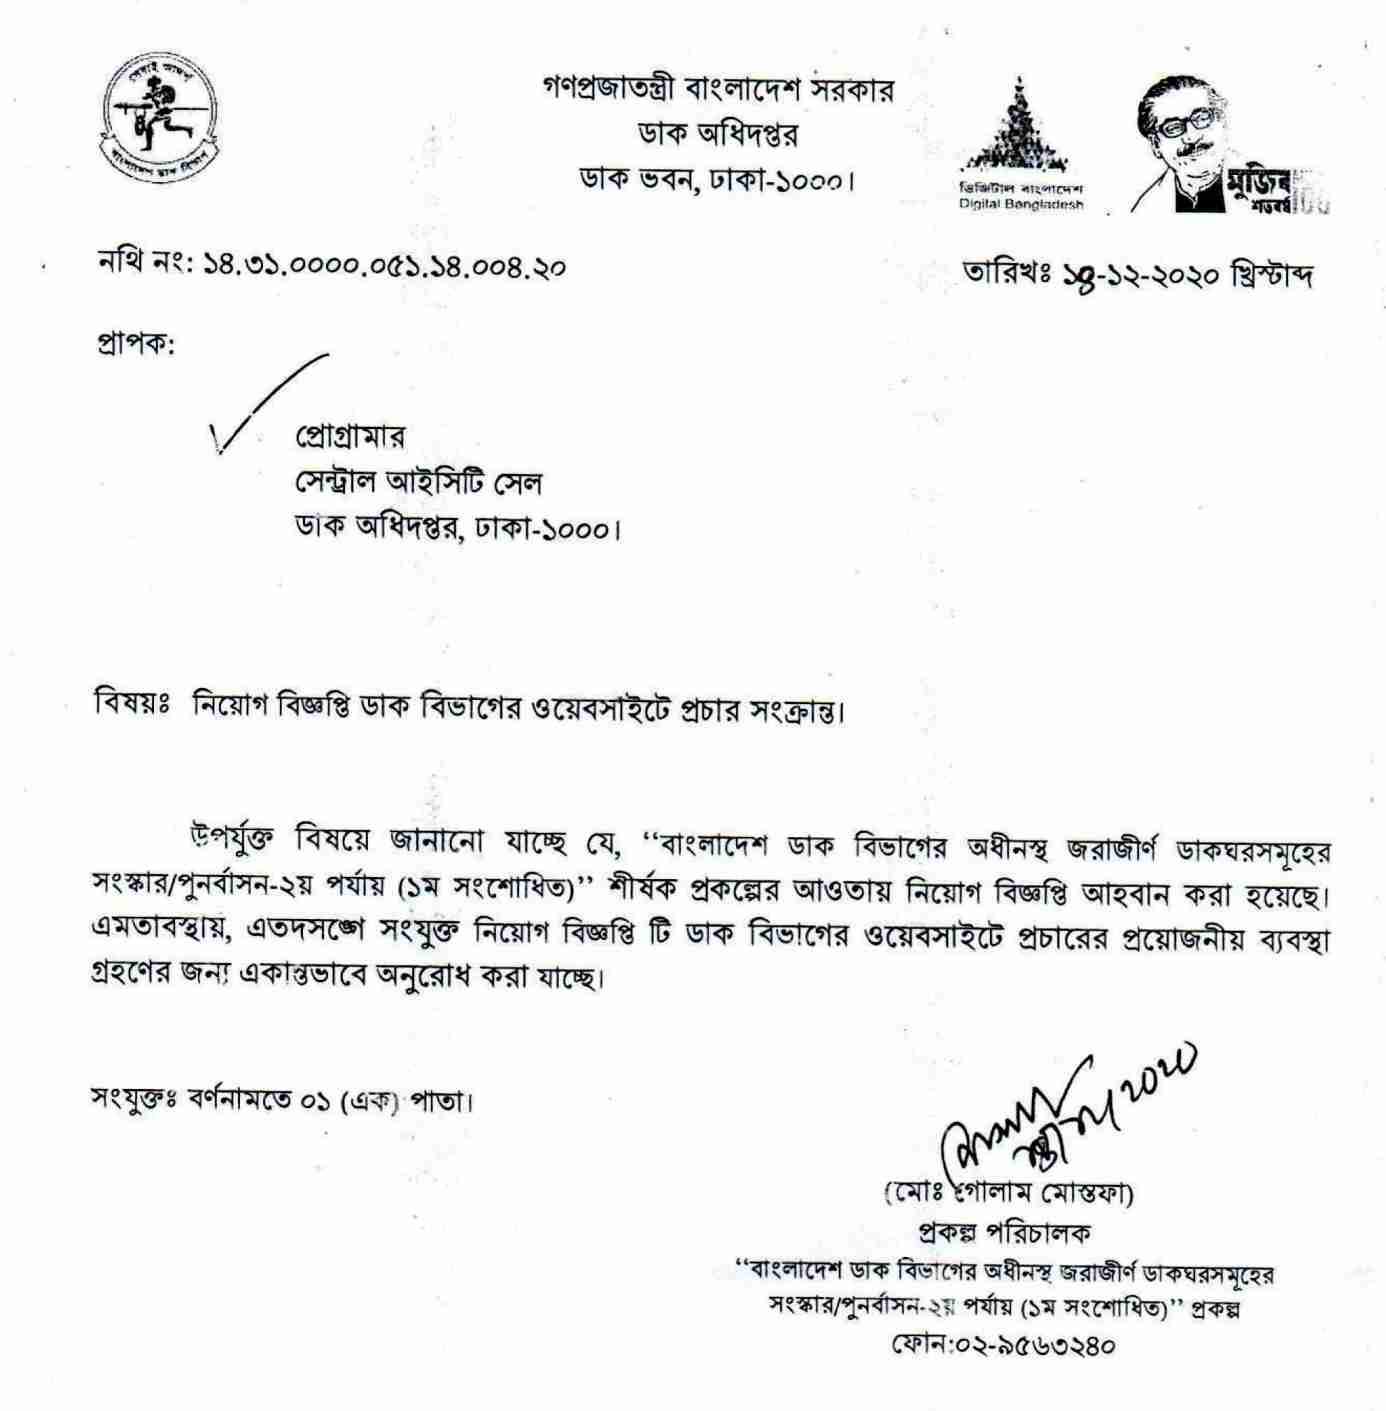 বাংলাদেশ ডাক বিভাগ নিয়োগ বিজ্ঞপ্তি, Post Office Job Circular 2021, Bangladesh Post Office Job Circular 2020, dak bivag niyog, ডাক অধিদপ্তর নিয়োগ বিজ্ঞপ্তি, Post office New job circular, Bangladesh Post Office Job Circular 2021